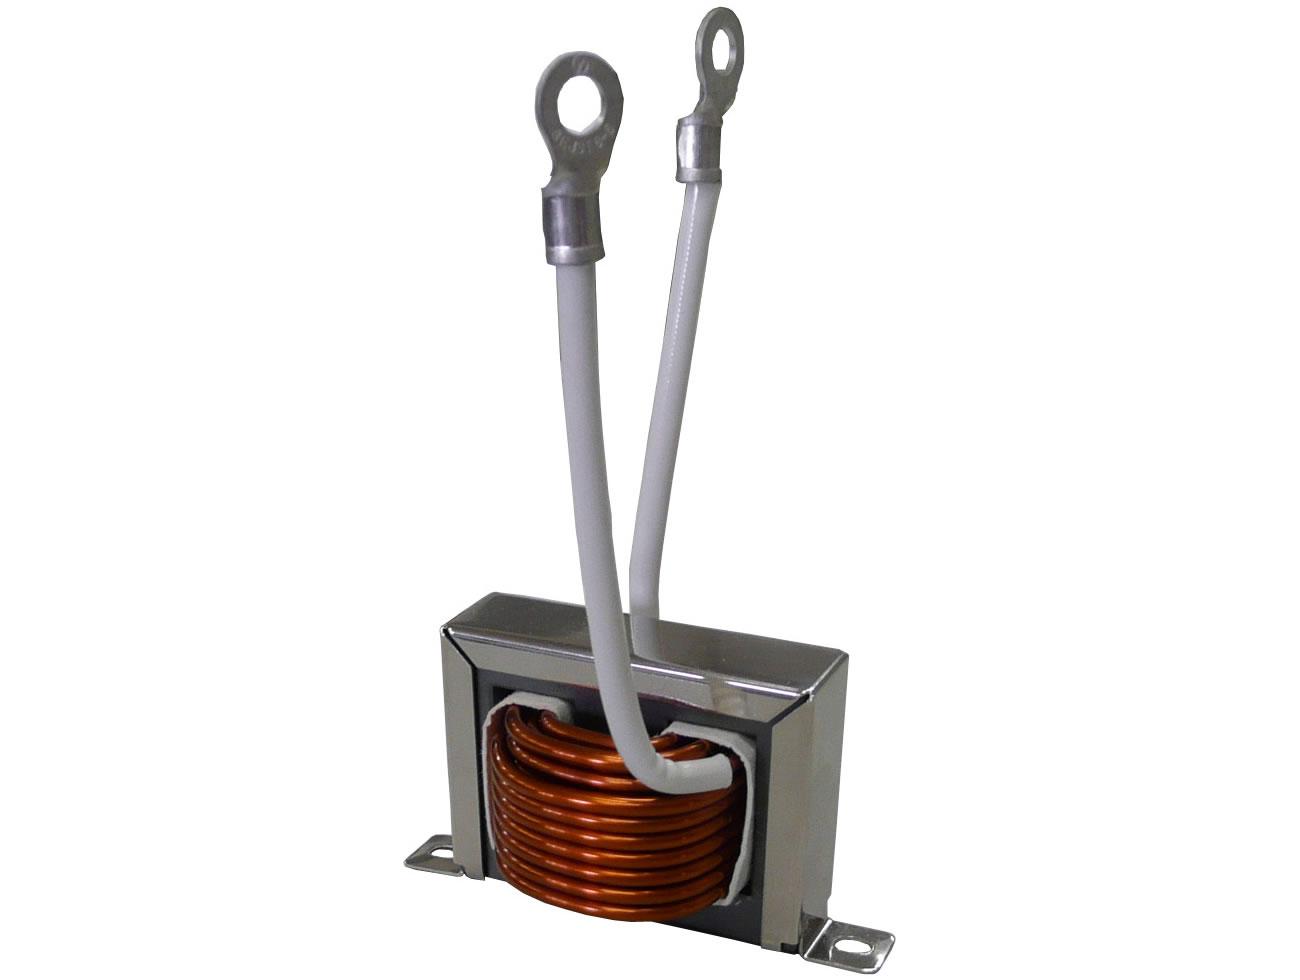 大電流リアクタ EE-FI フェライトコアを使用したタイプ